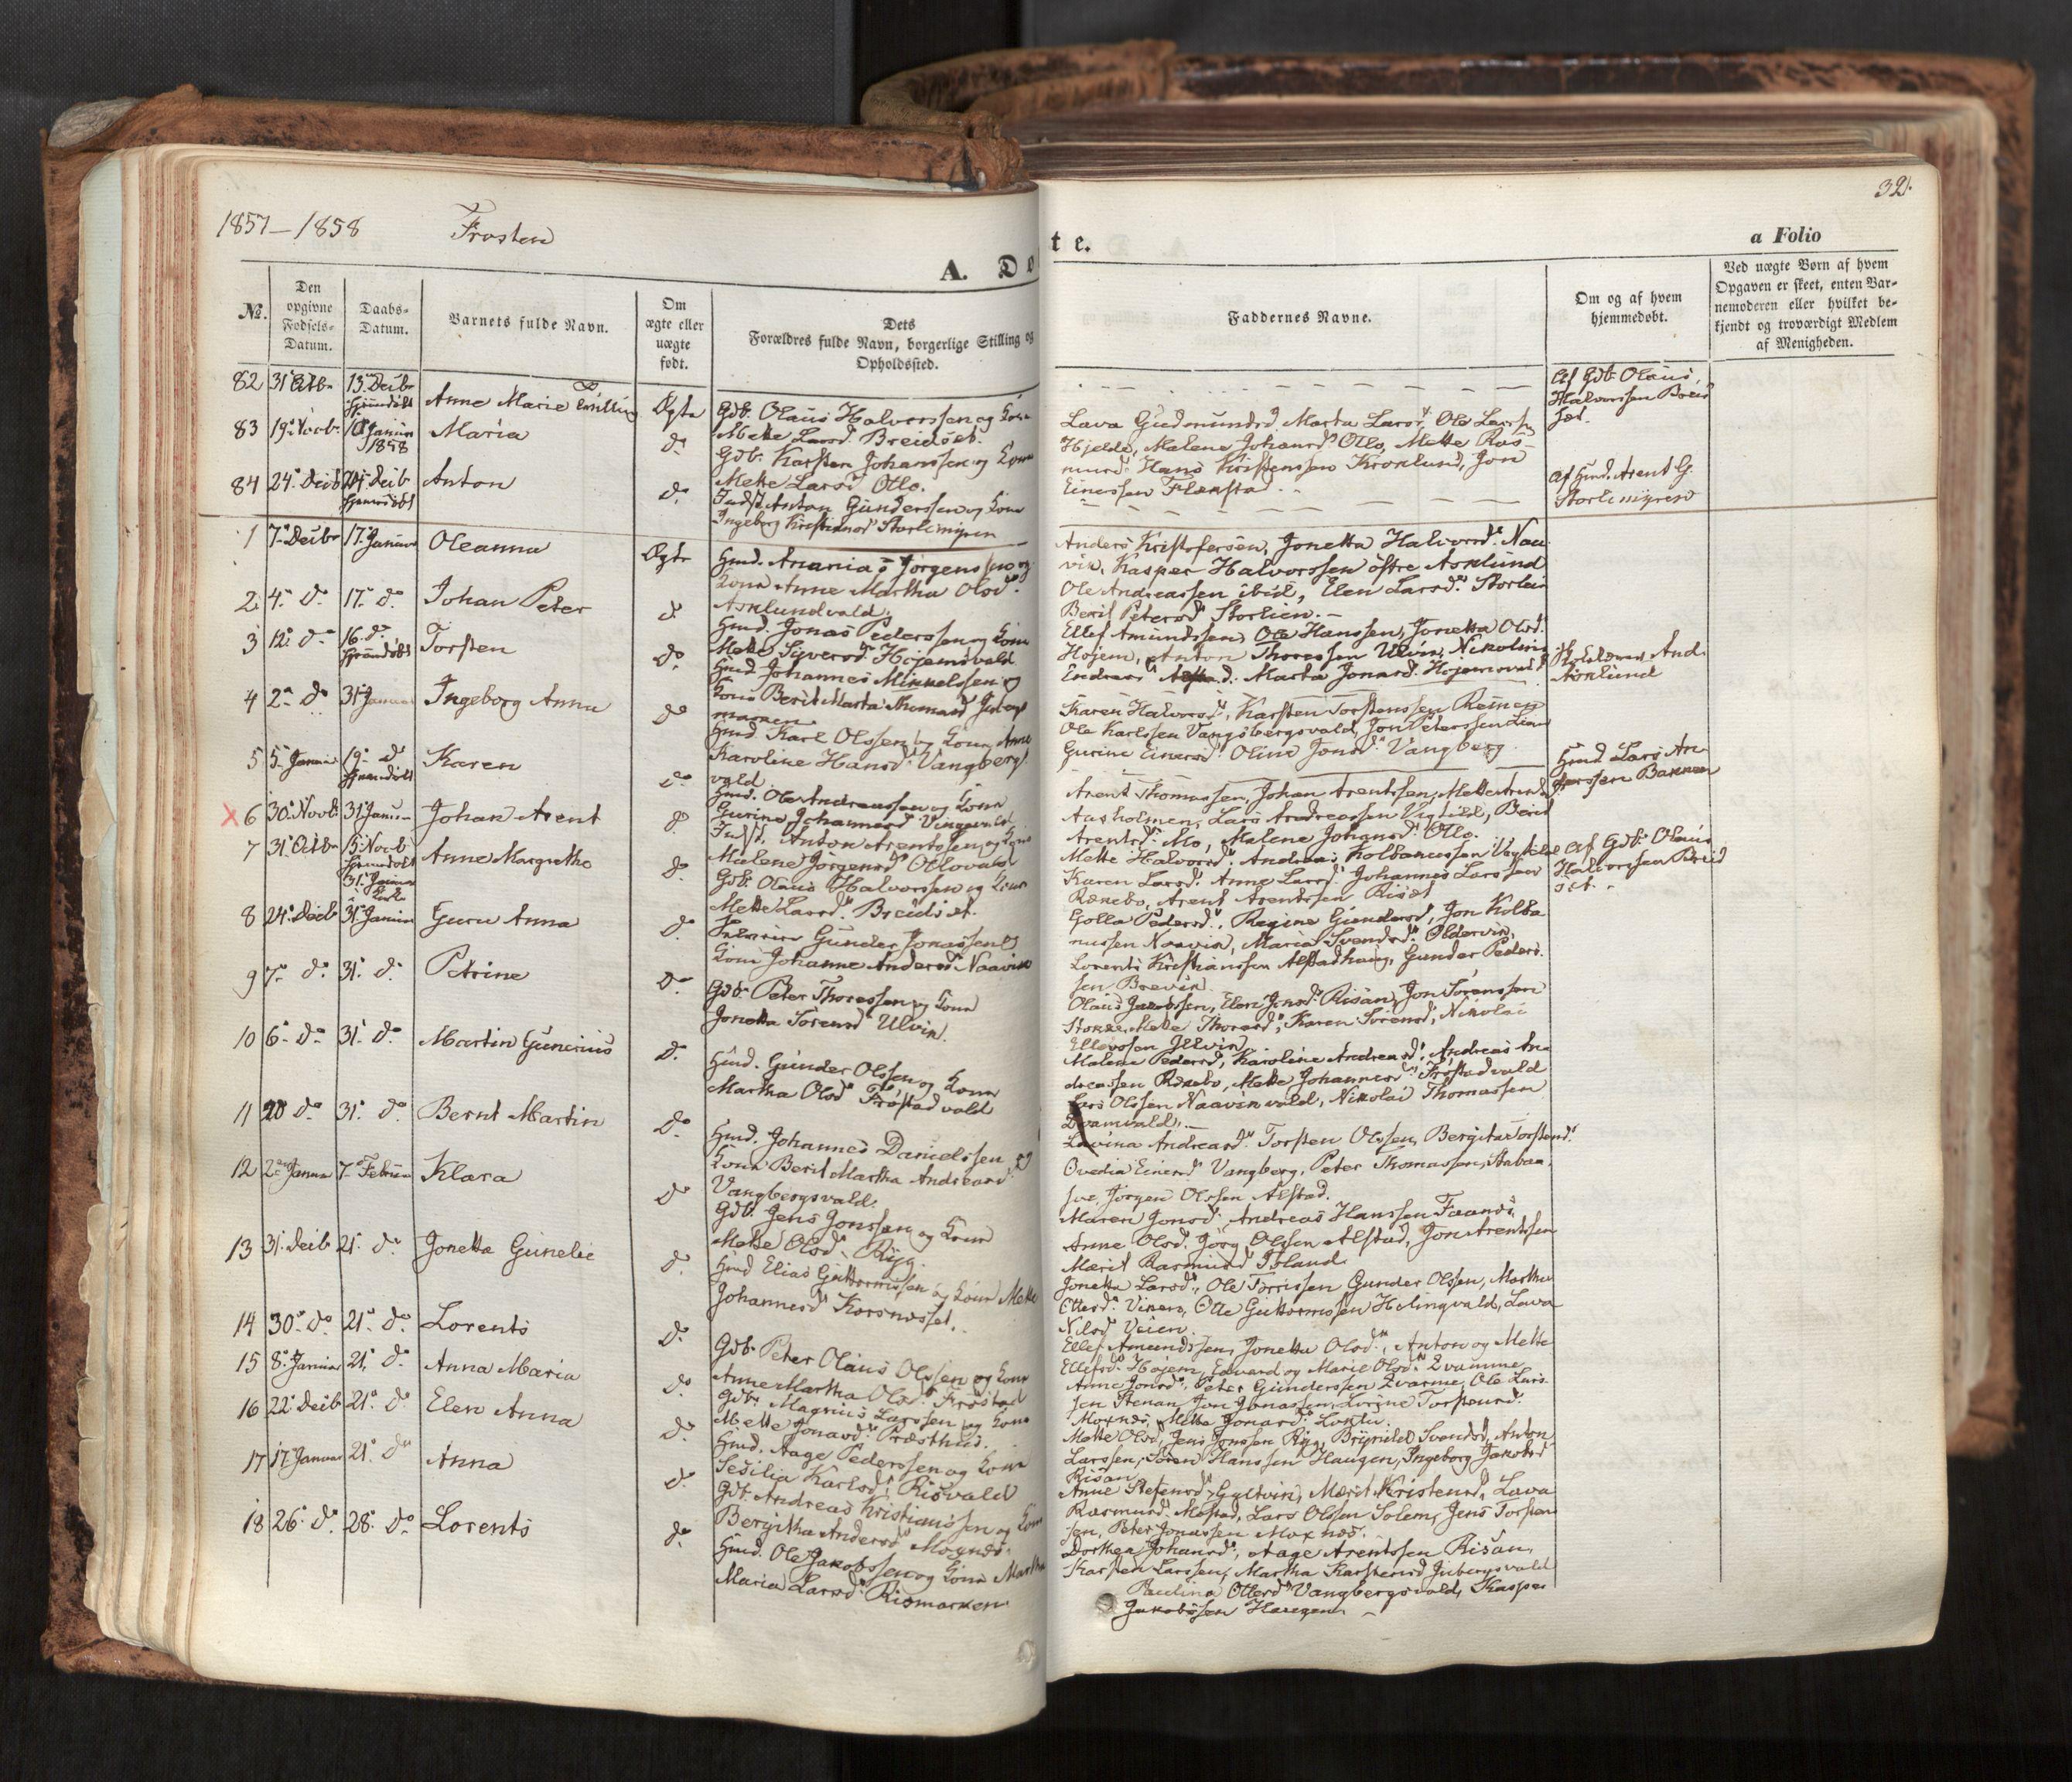 SAT, Ministerialprotokoller, klokkerbøker og fødselsregistre - Nord-Trøndelag, 713/L0116: Ministerialbok nr. 713A07, 1850-1877, s. 32